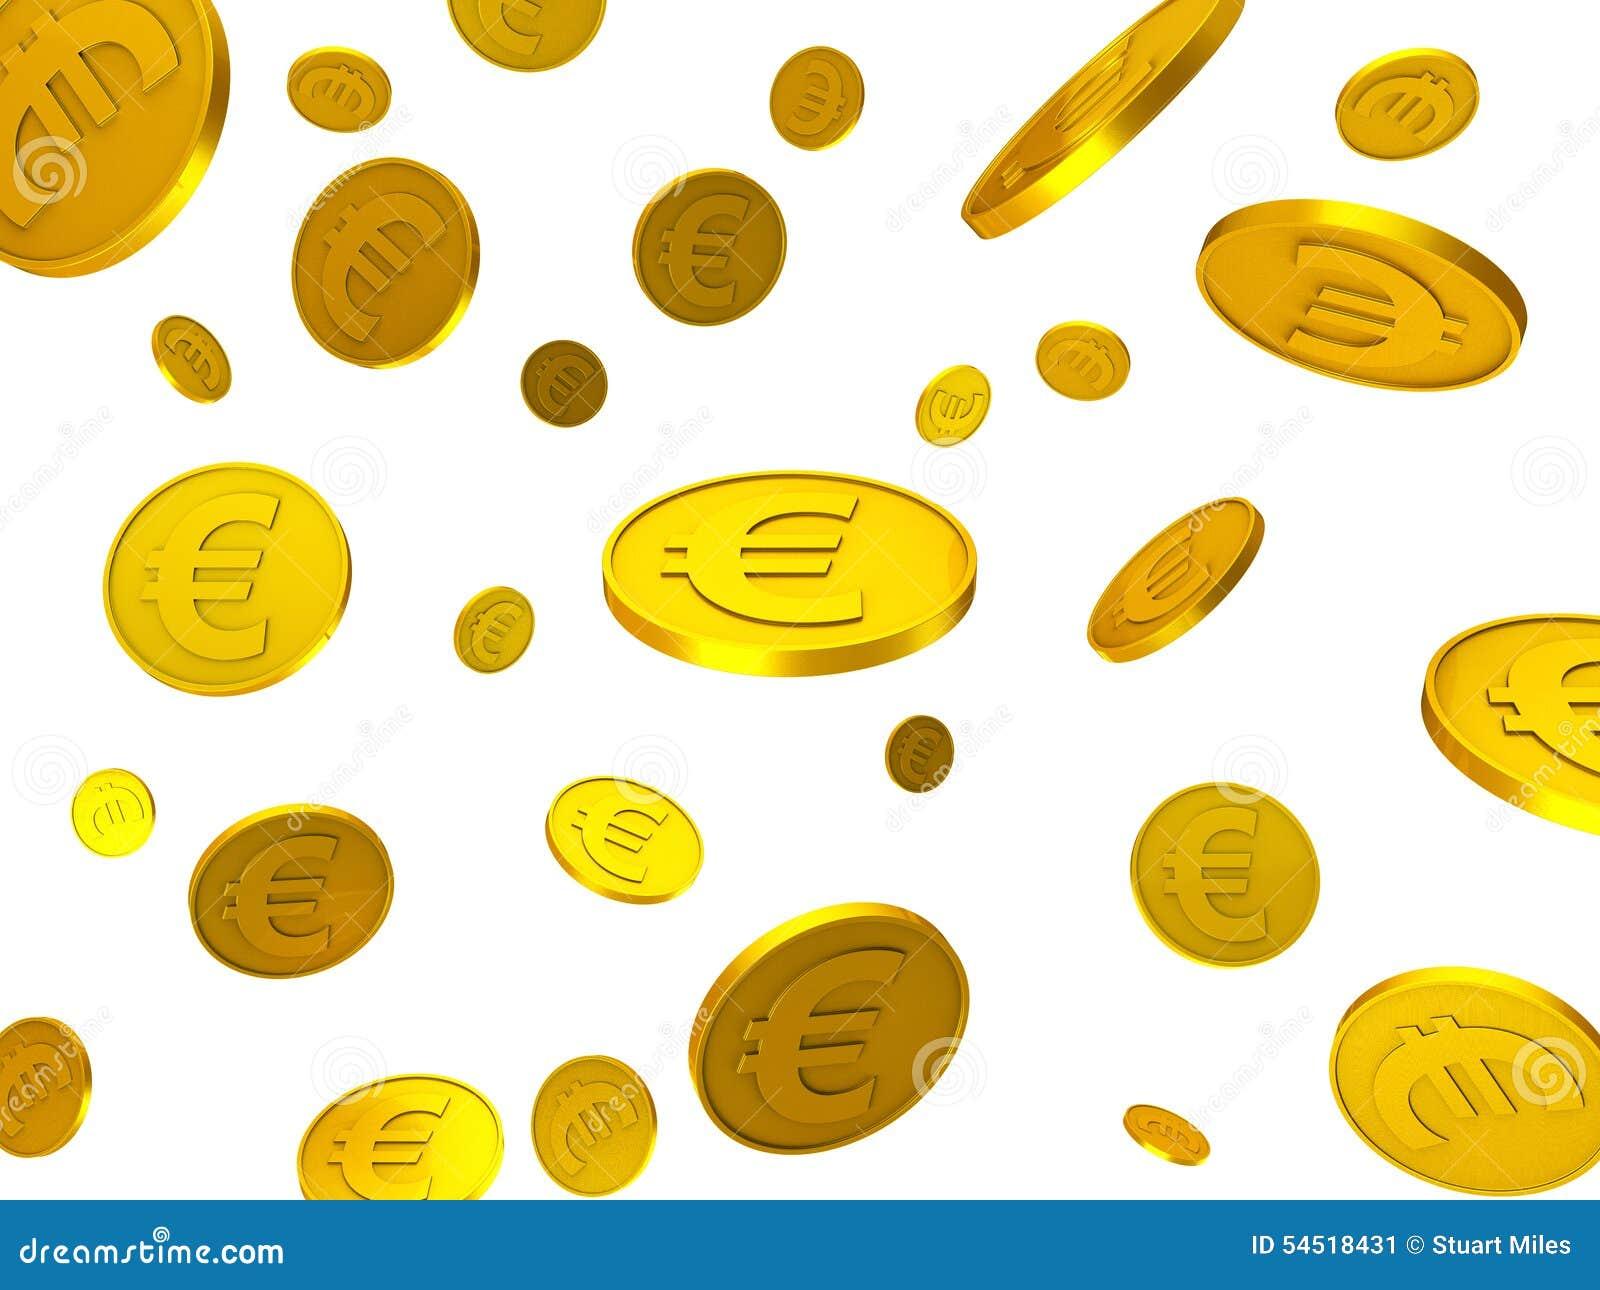 Τα ευρο- νομίσματα δείχνουν τα οικονομικά ευρώ και τη χρηματοδότηση